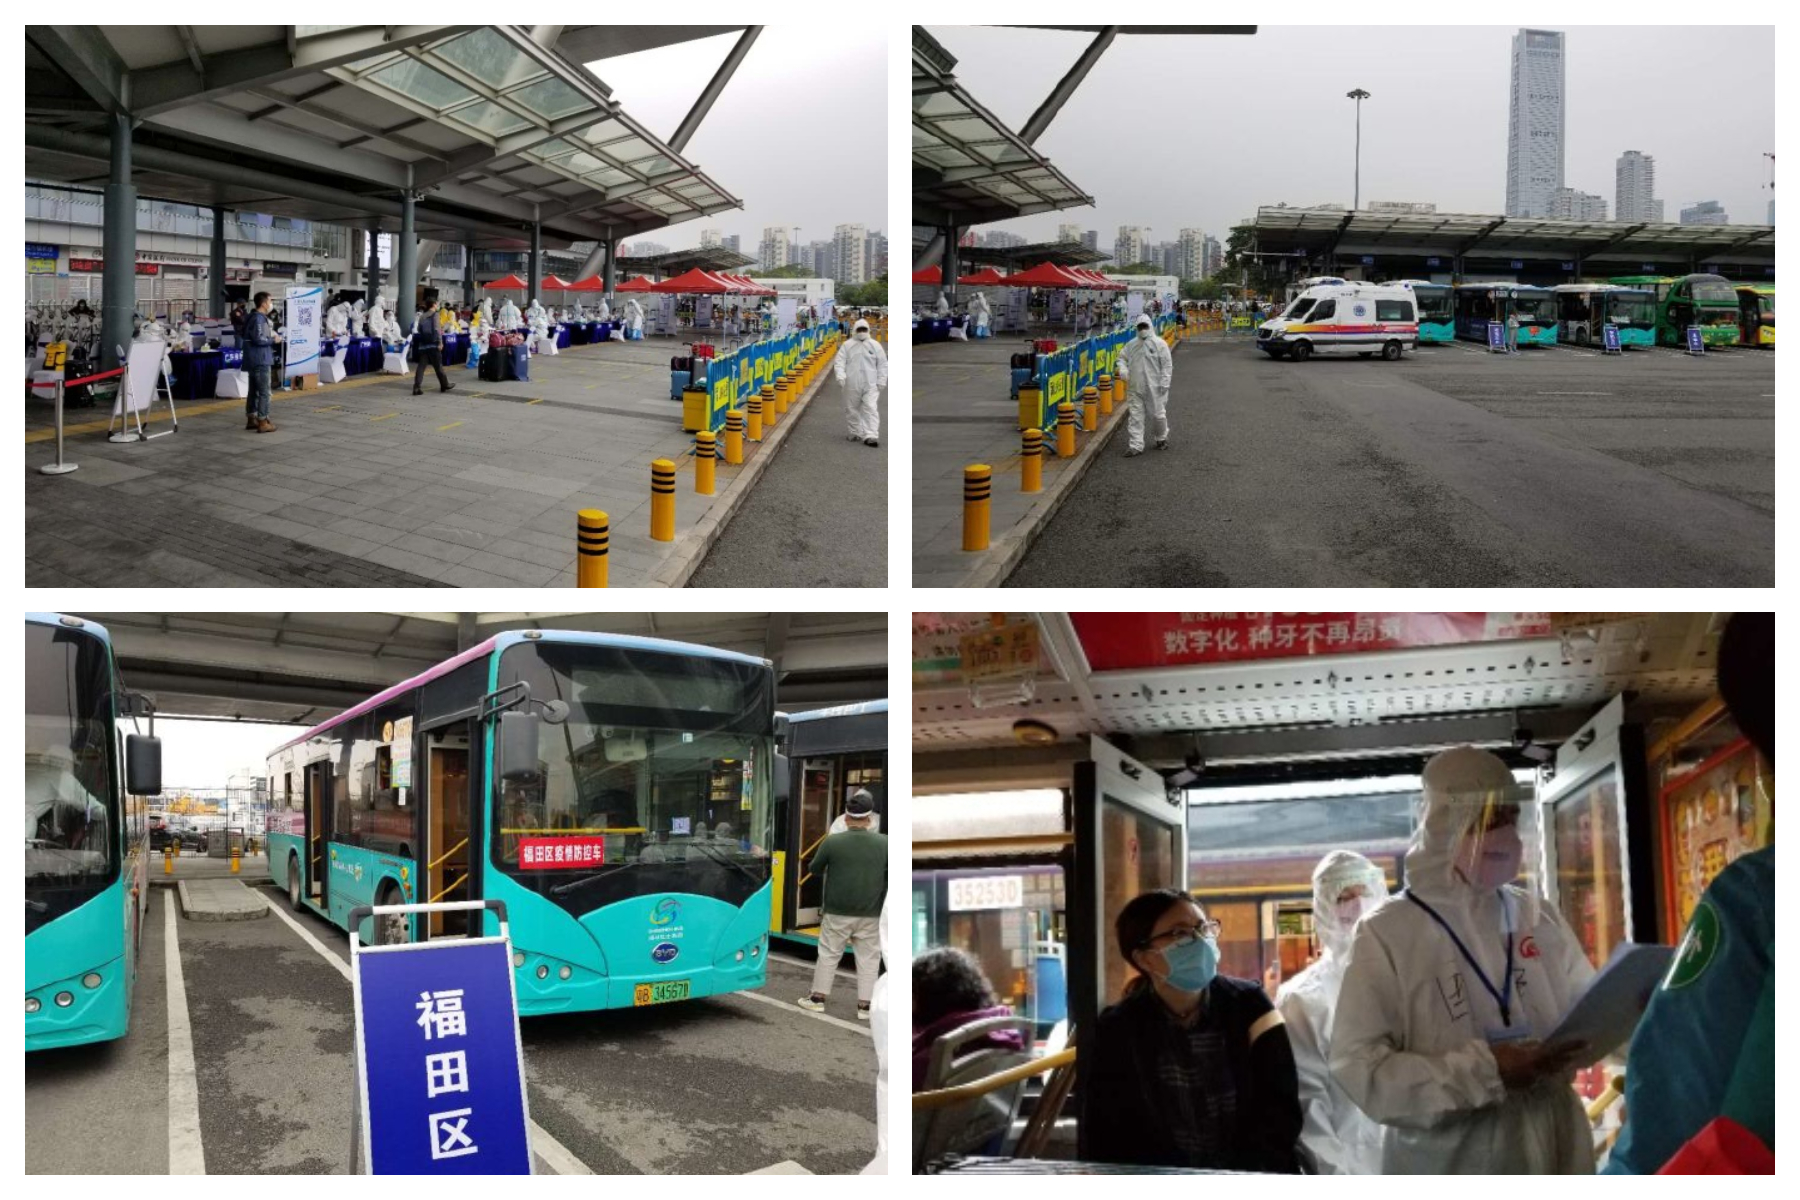 從香港入境深圳 旅客遭國保堵車門繳費